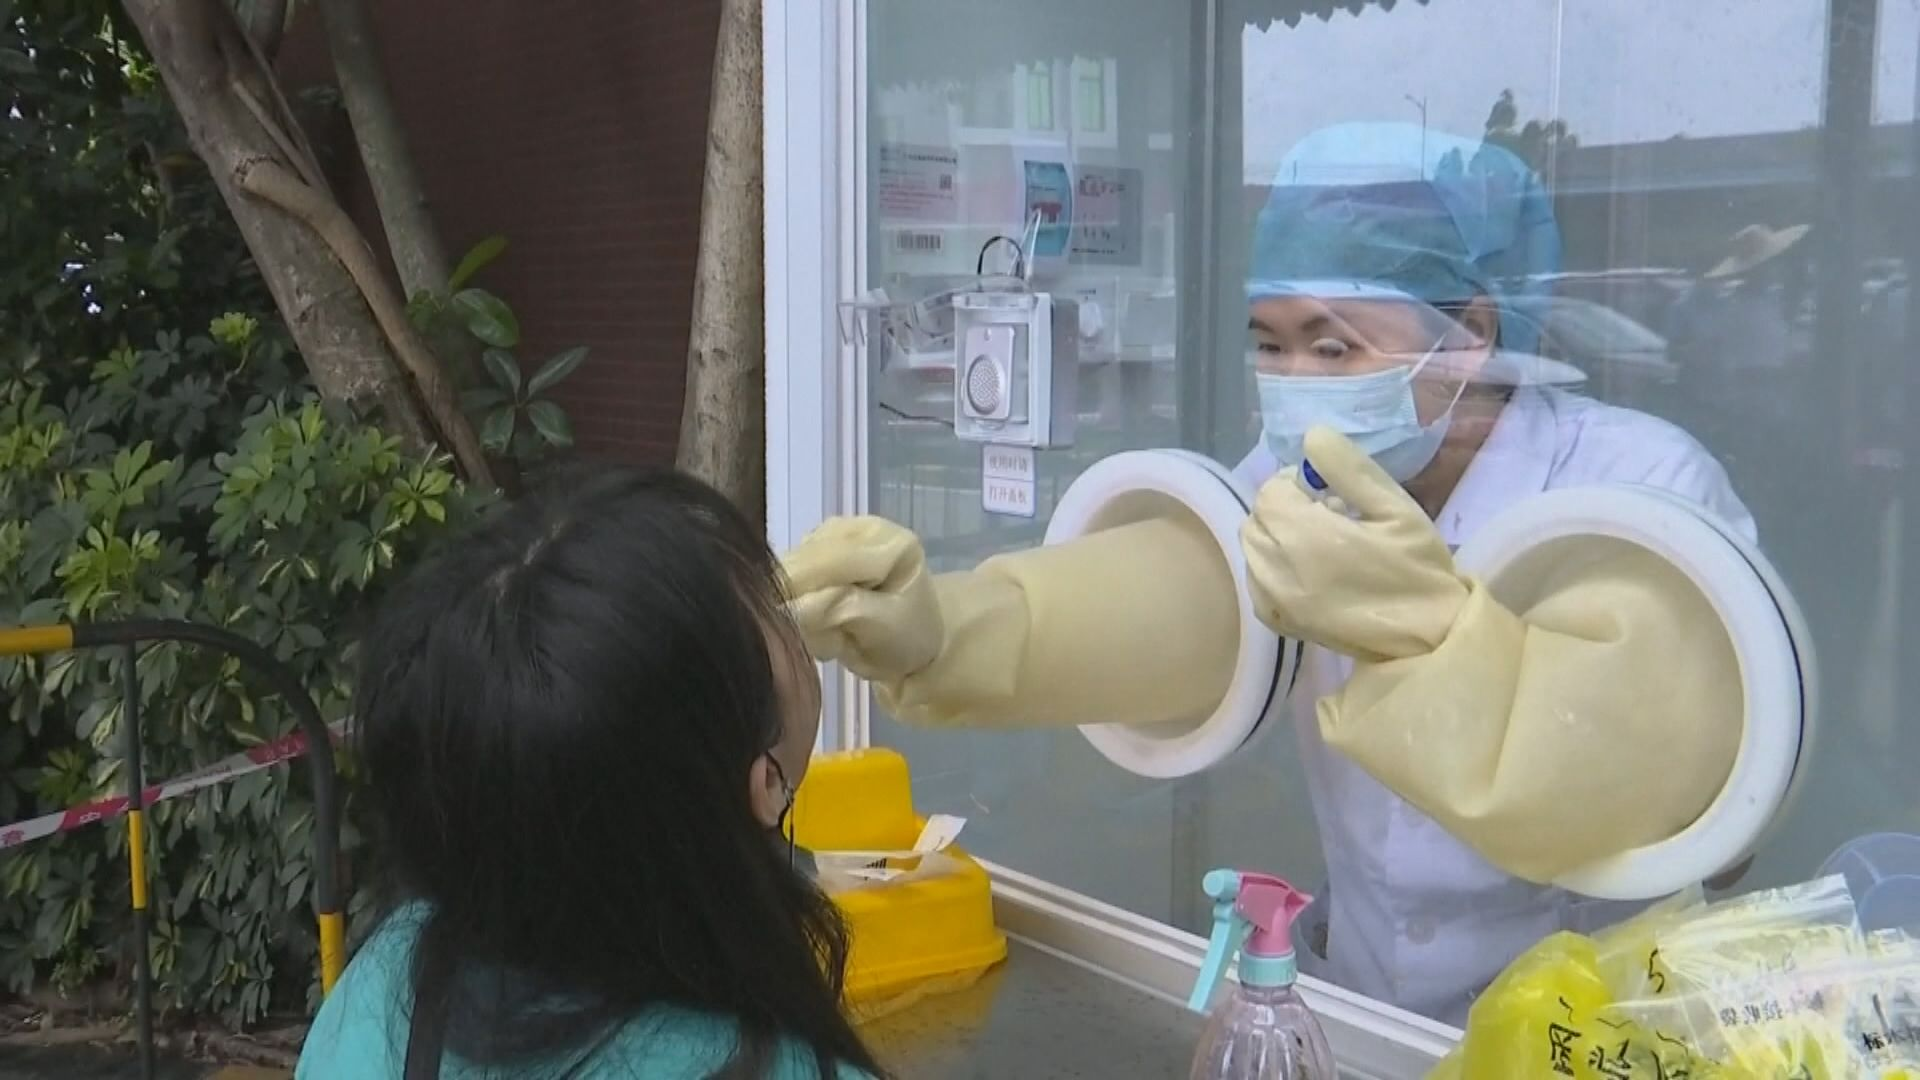 廣州增8宗本土確診 市疾控中心:約六成患者以為患感冒延誤治療